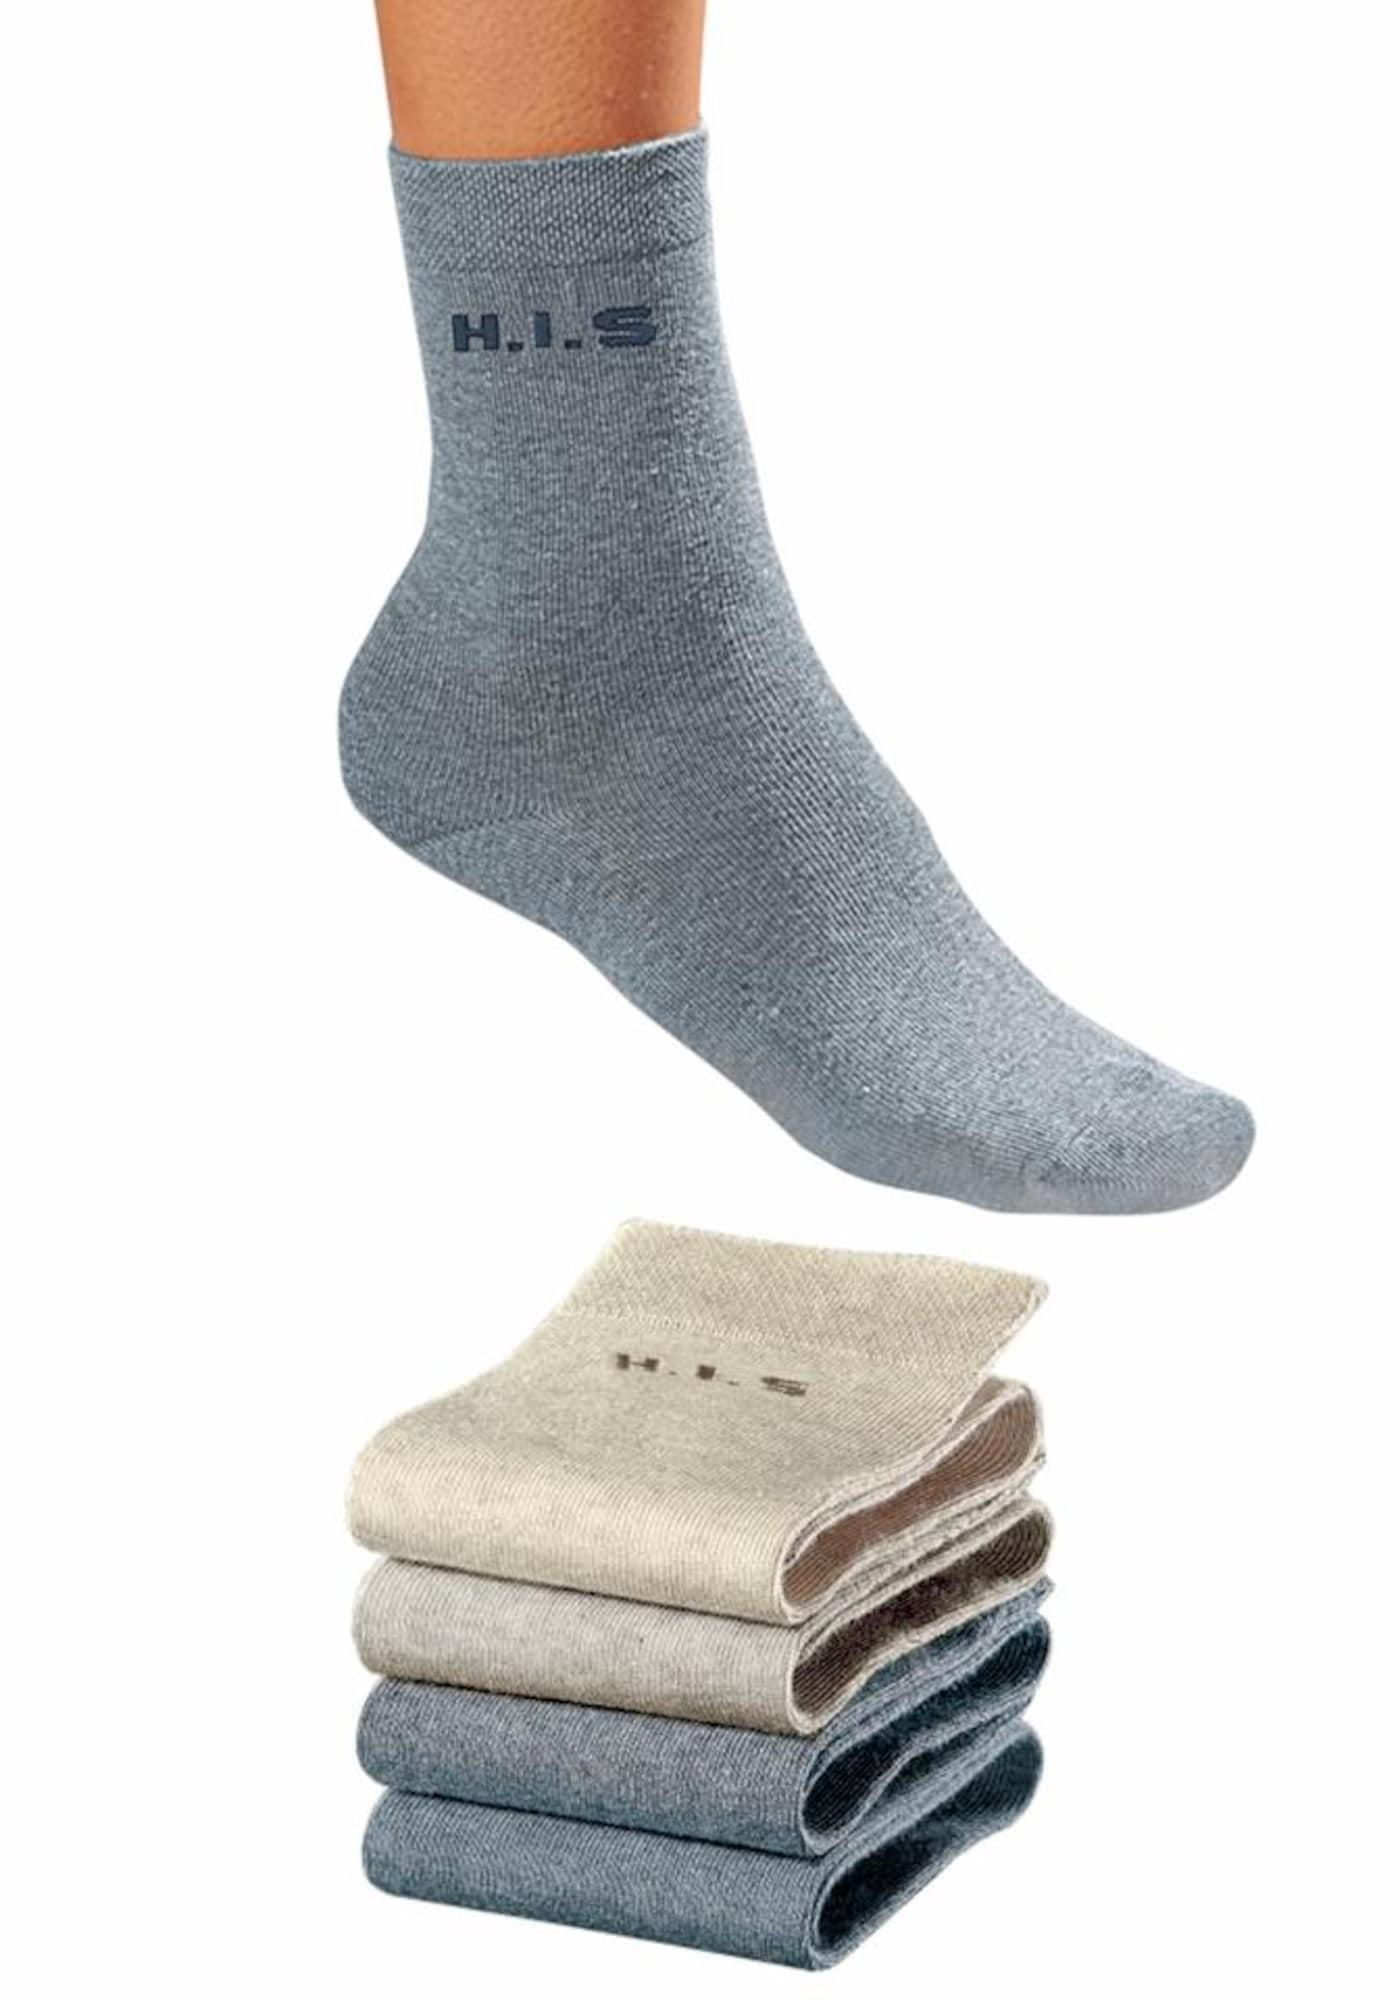 H.I.S H.I.S Socken (4 Paar) ohne einschneidendes Bündchen blau